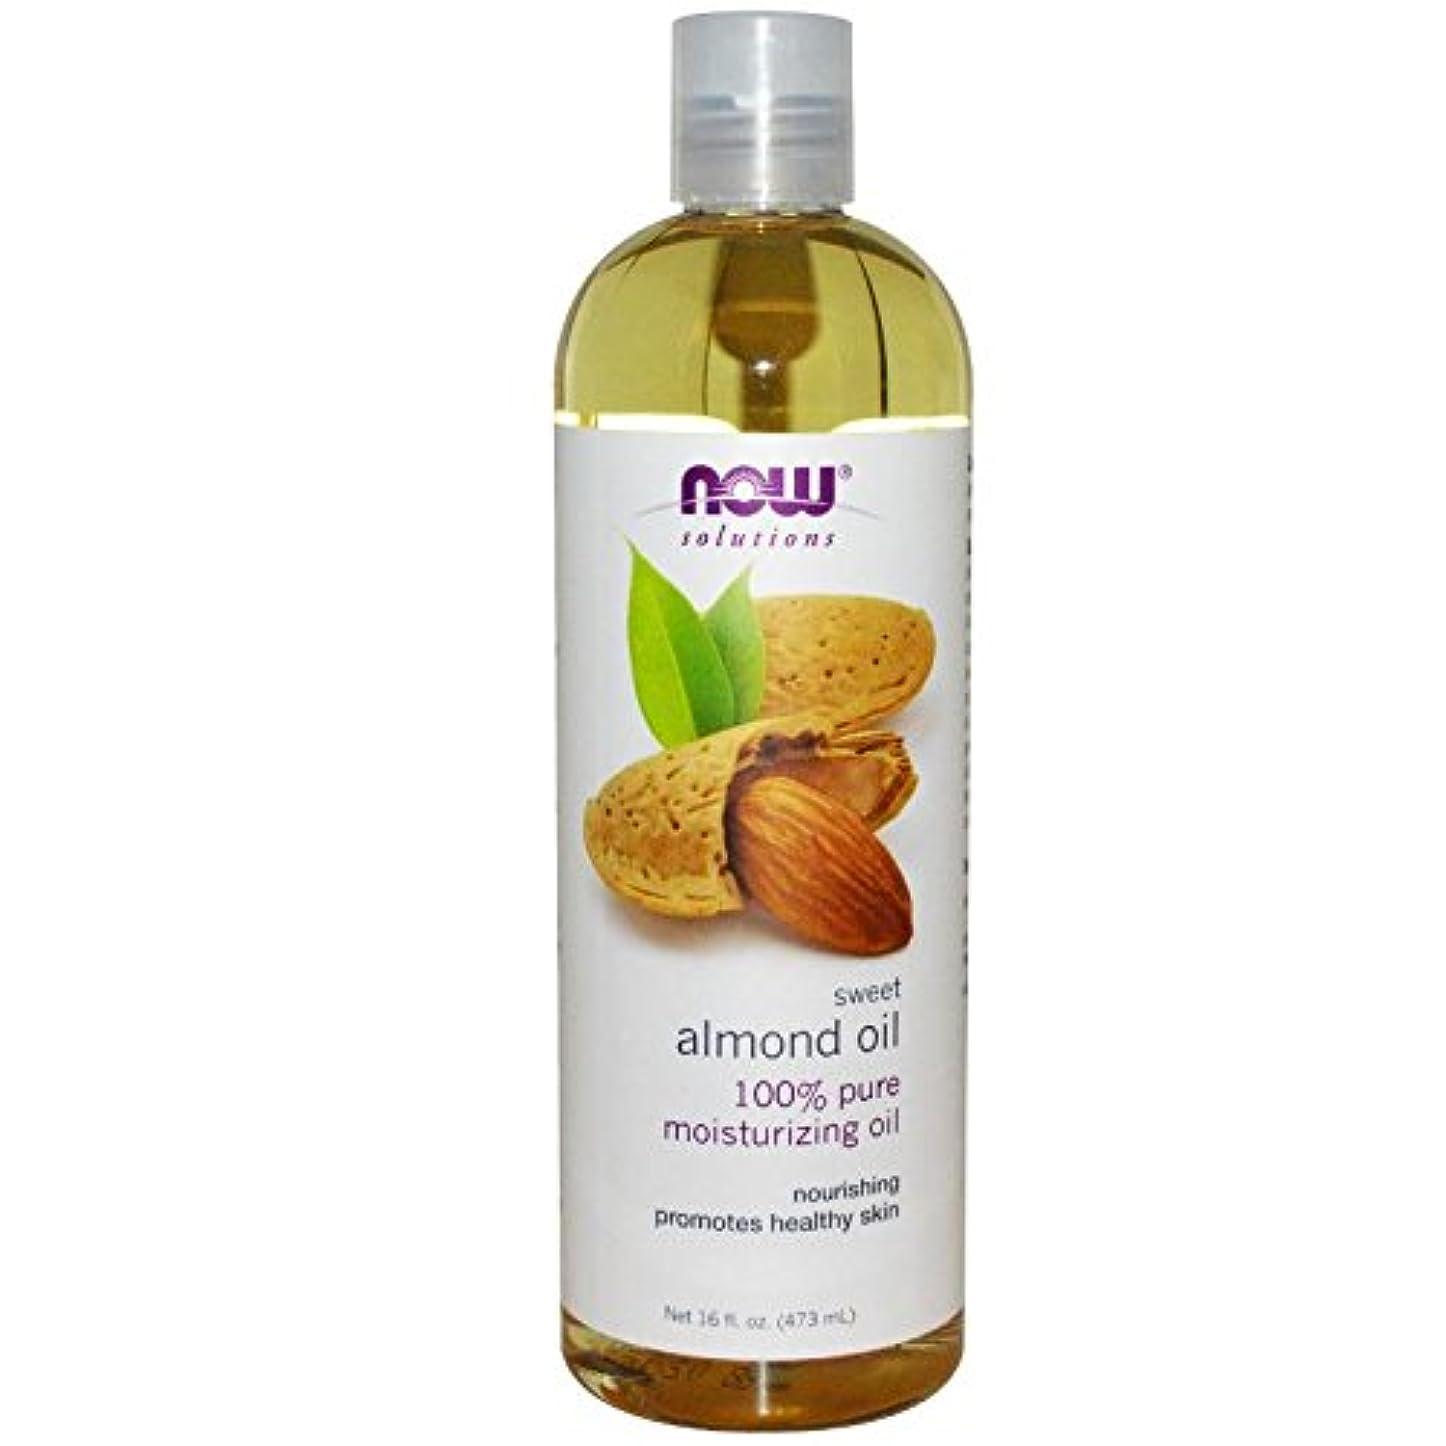 報告書仲良しヒゲ【国内発送】 Now Solutions Sweet Almond Oil 16 oz. (473ml) [並行輸入品]